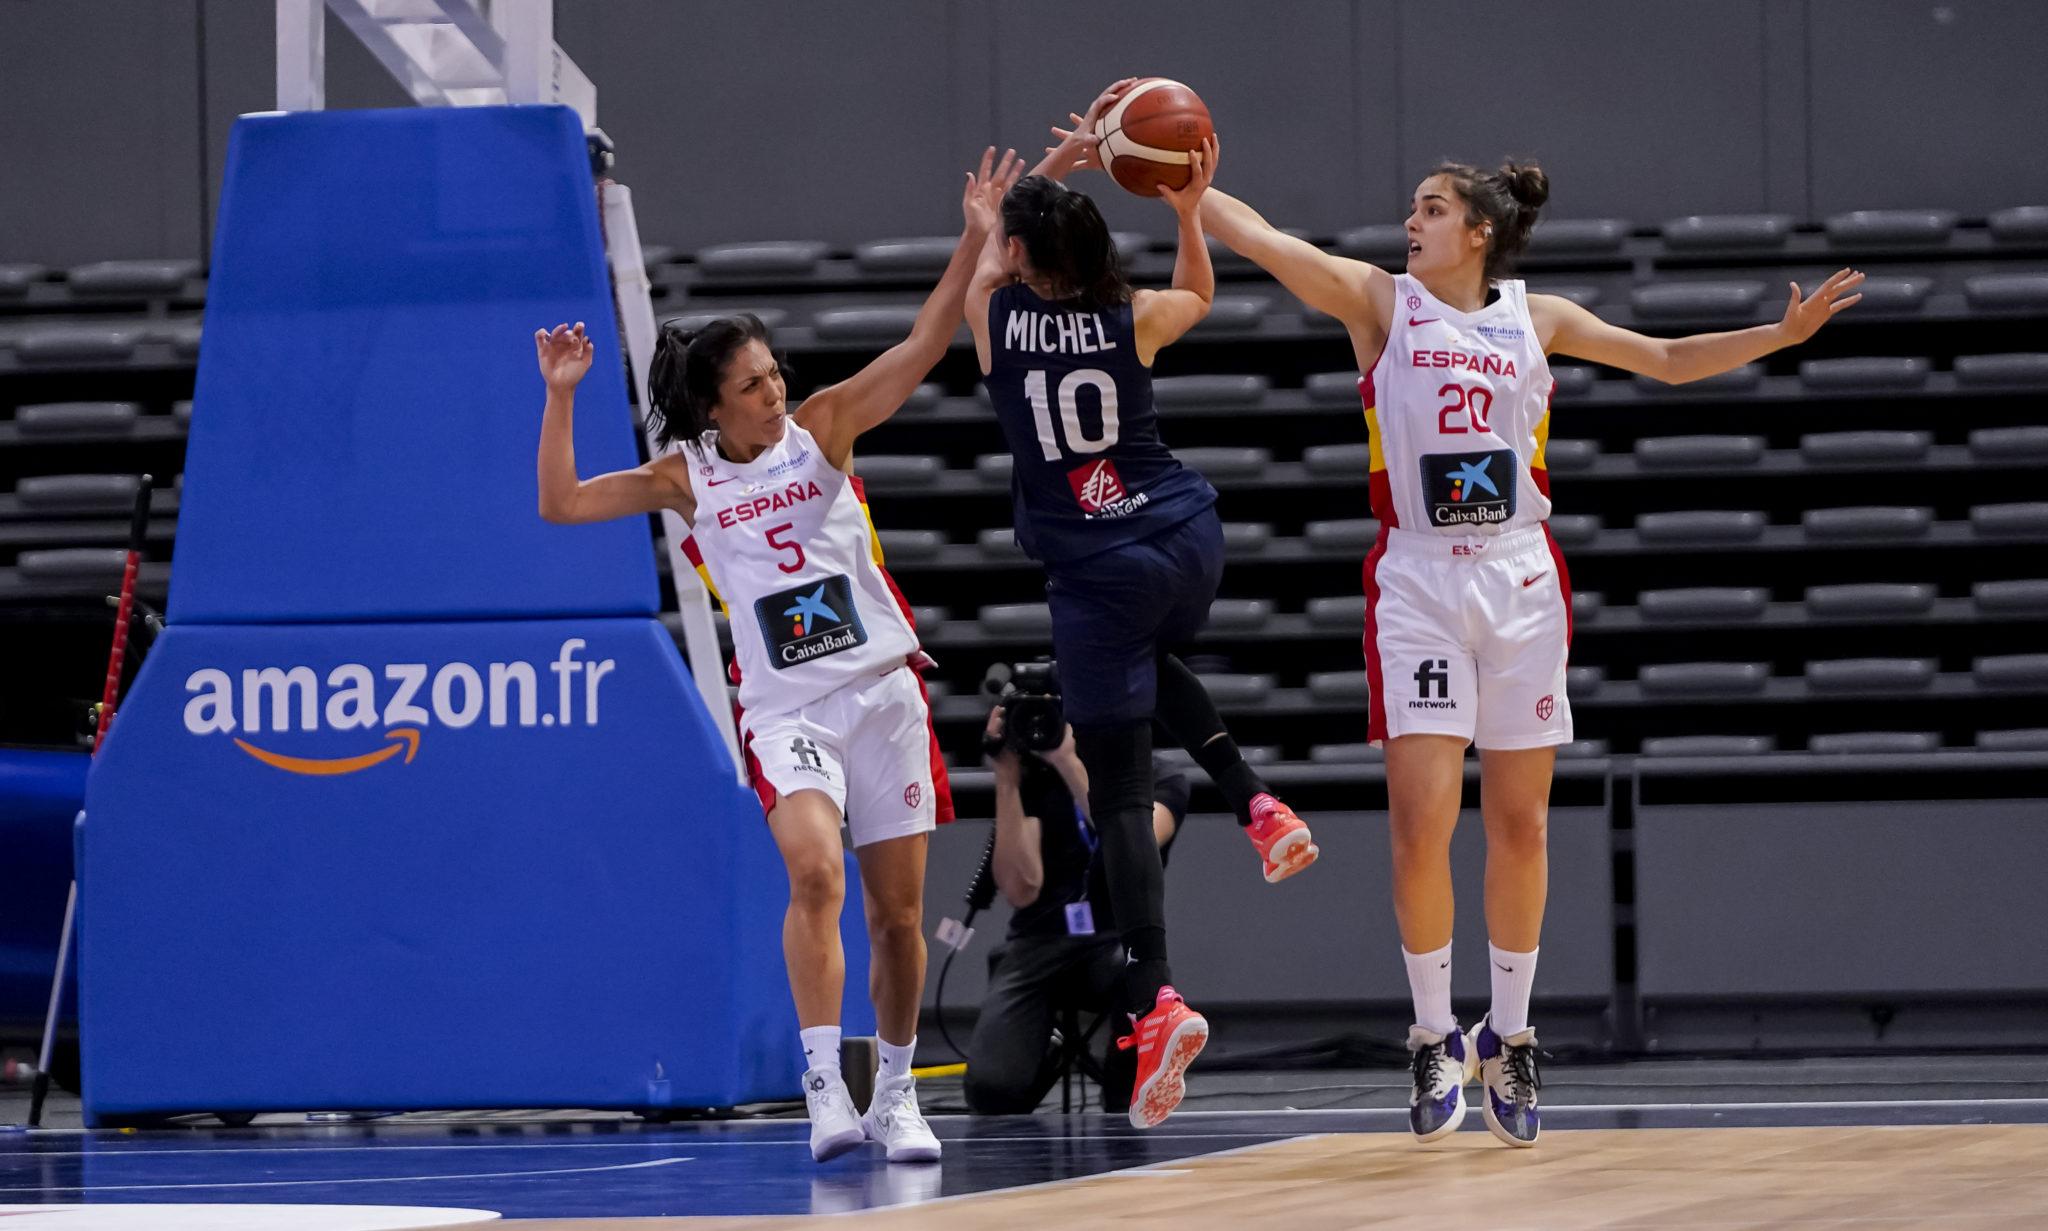 Paula Ginzo coa Selección Española - FEB